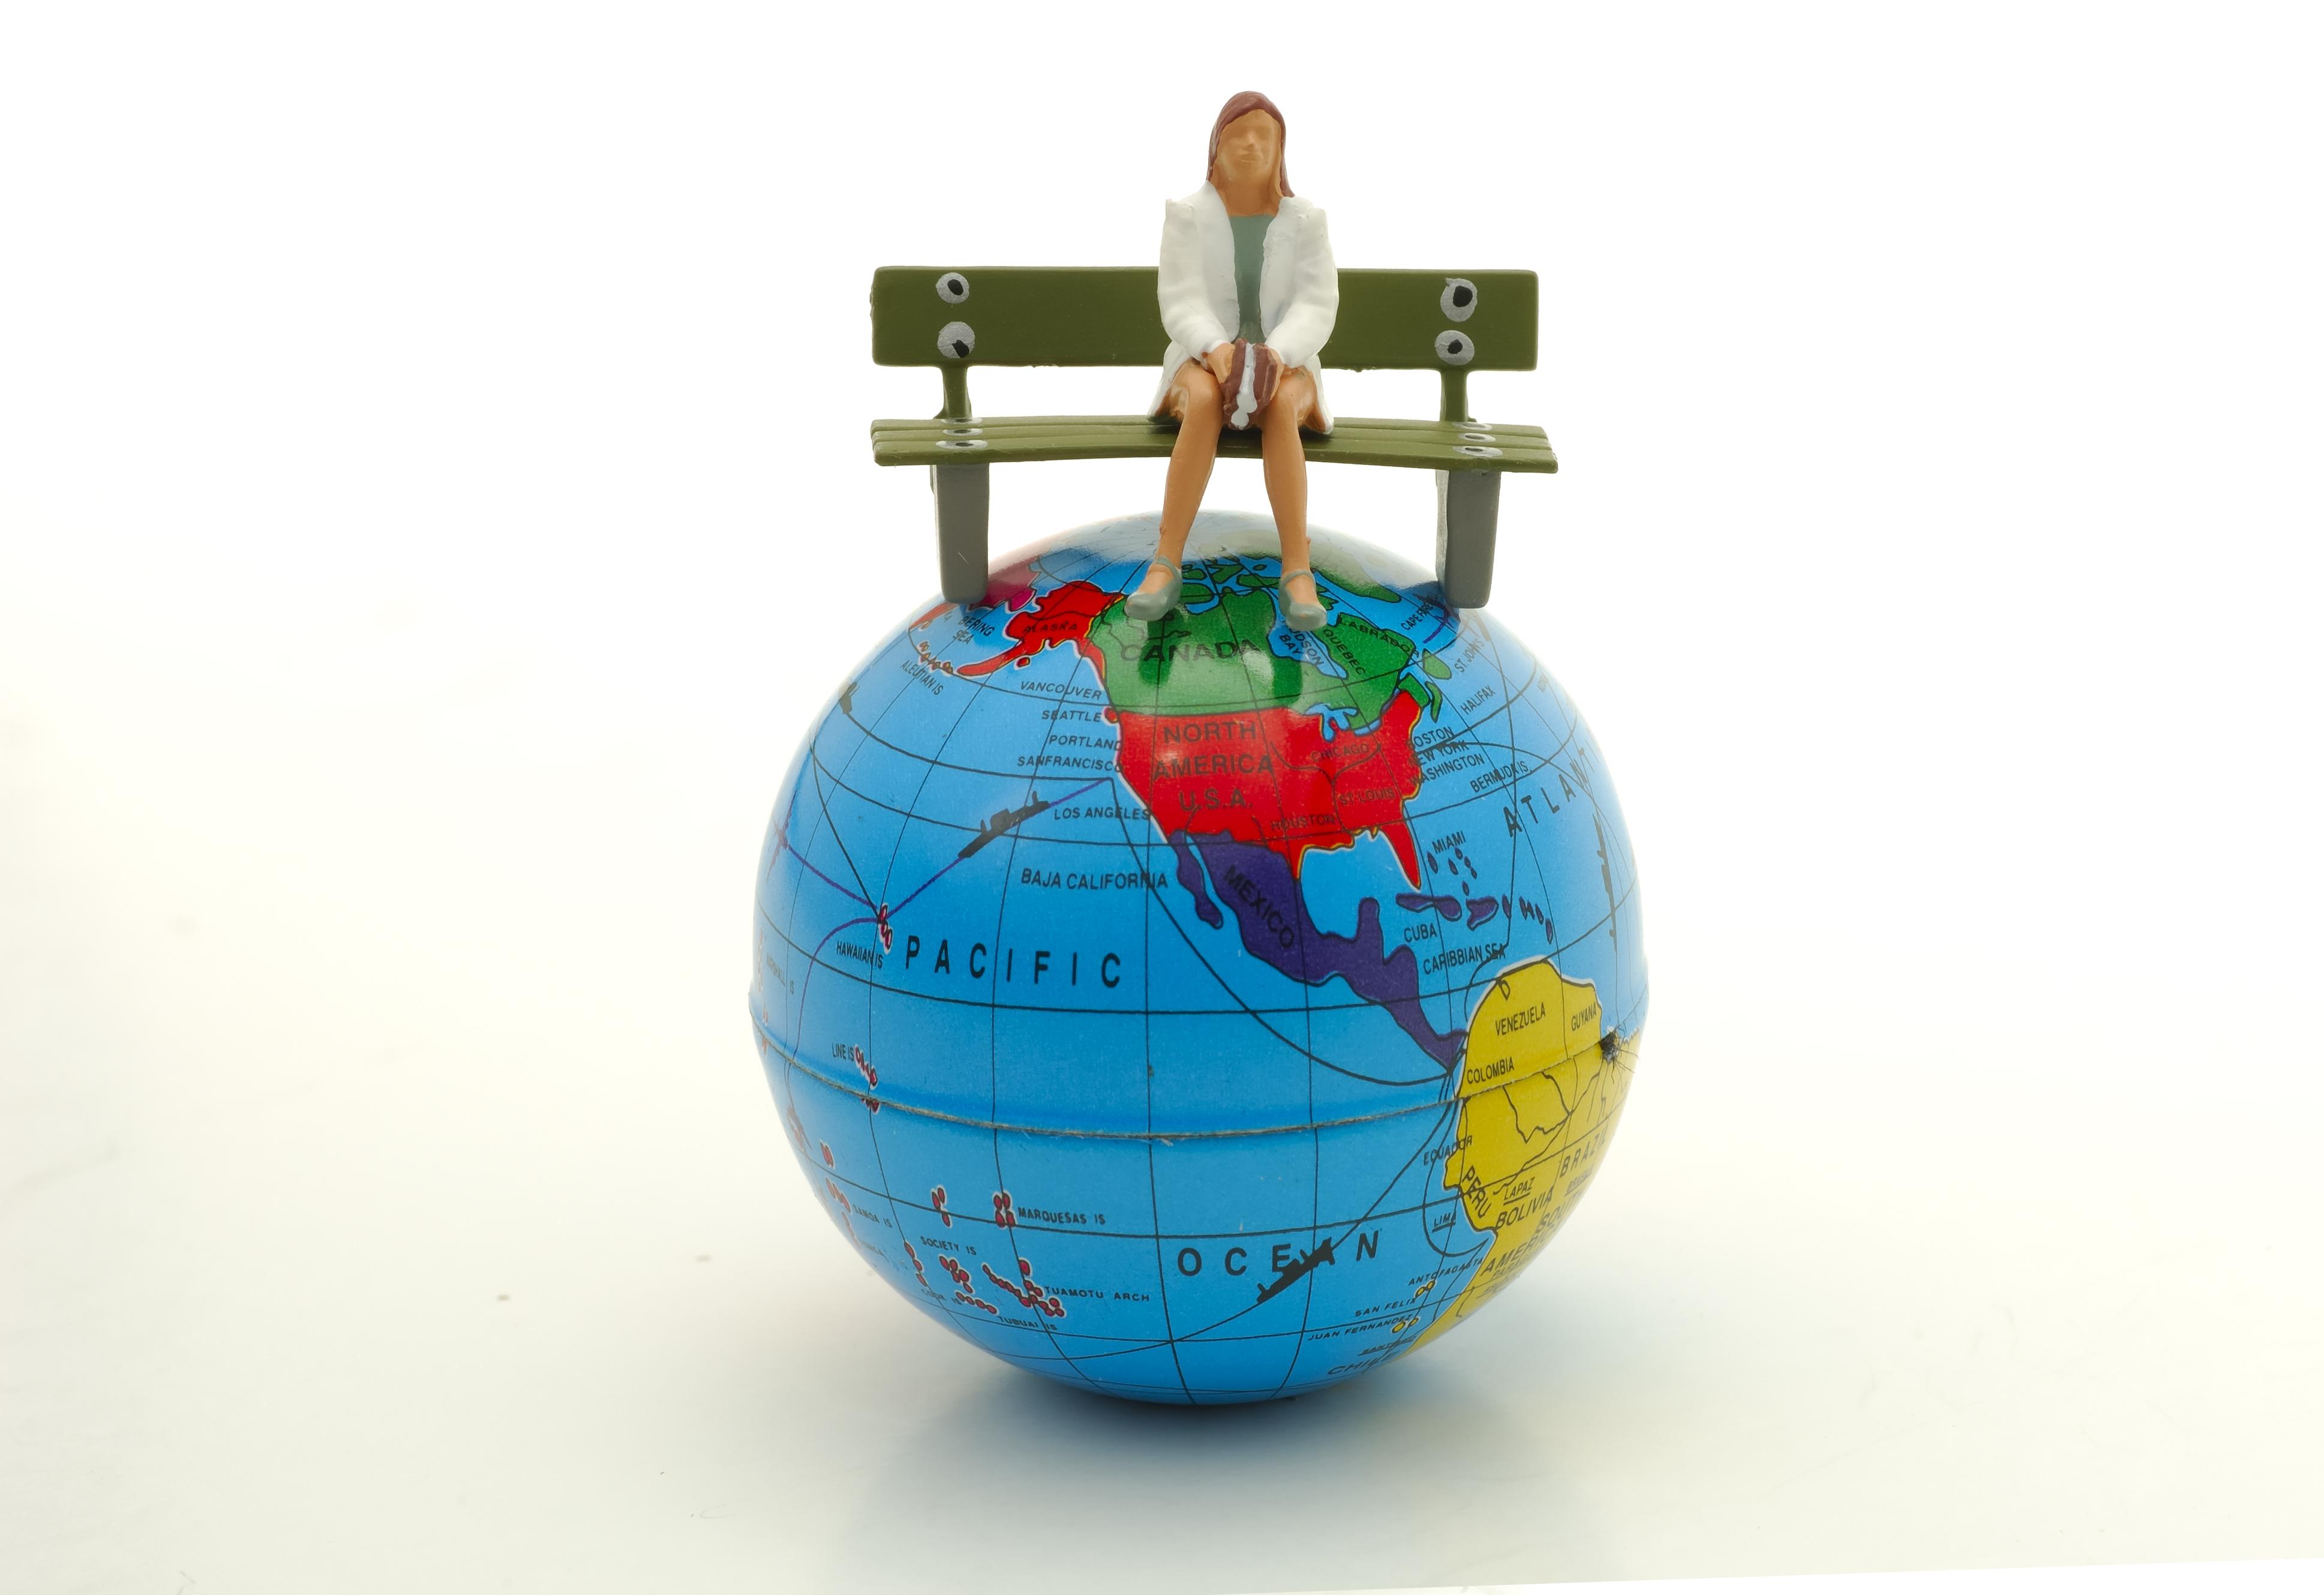 Vous souhaitez partir vivre ailleurs ? Allez tout d'abord sur Ggaexpat.com